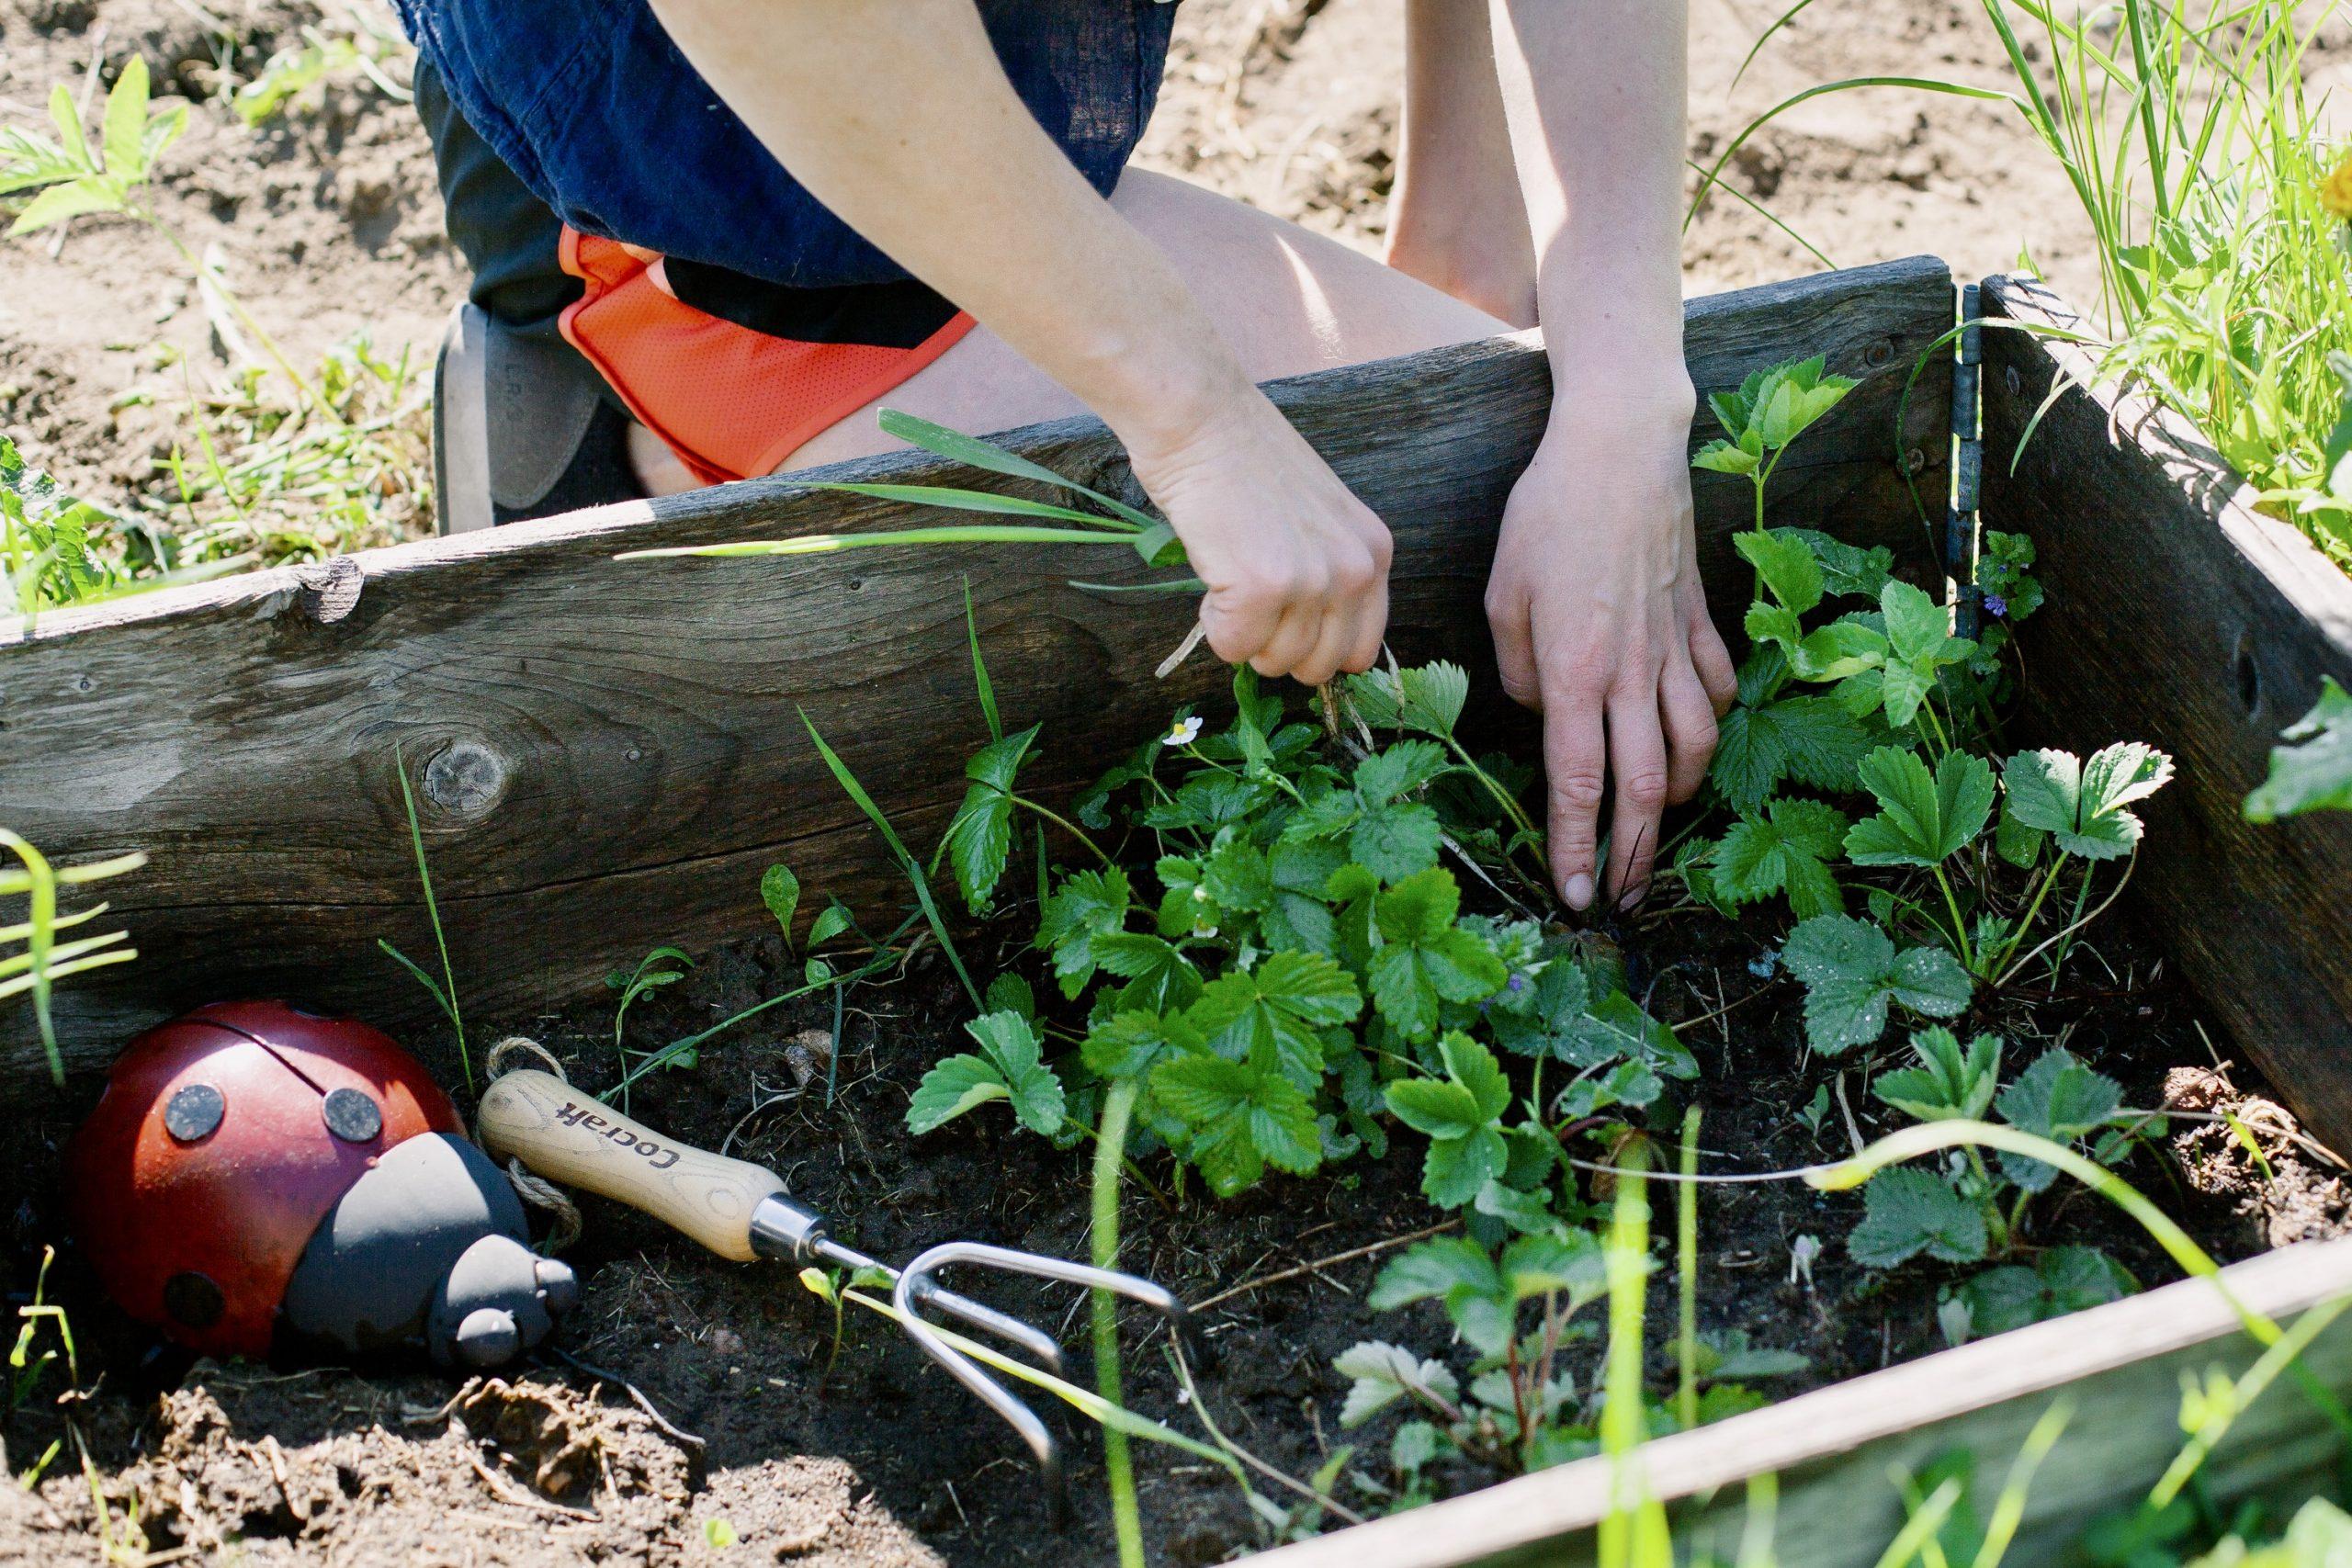 odla-urban-garden-harvest